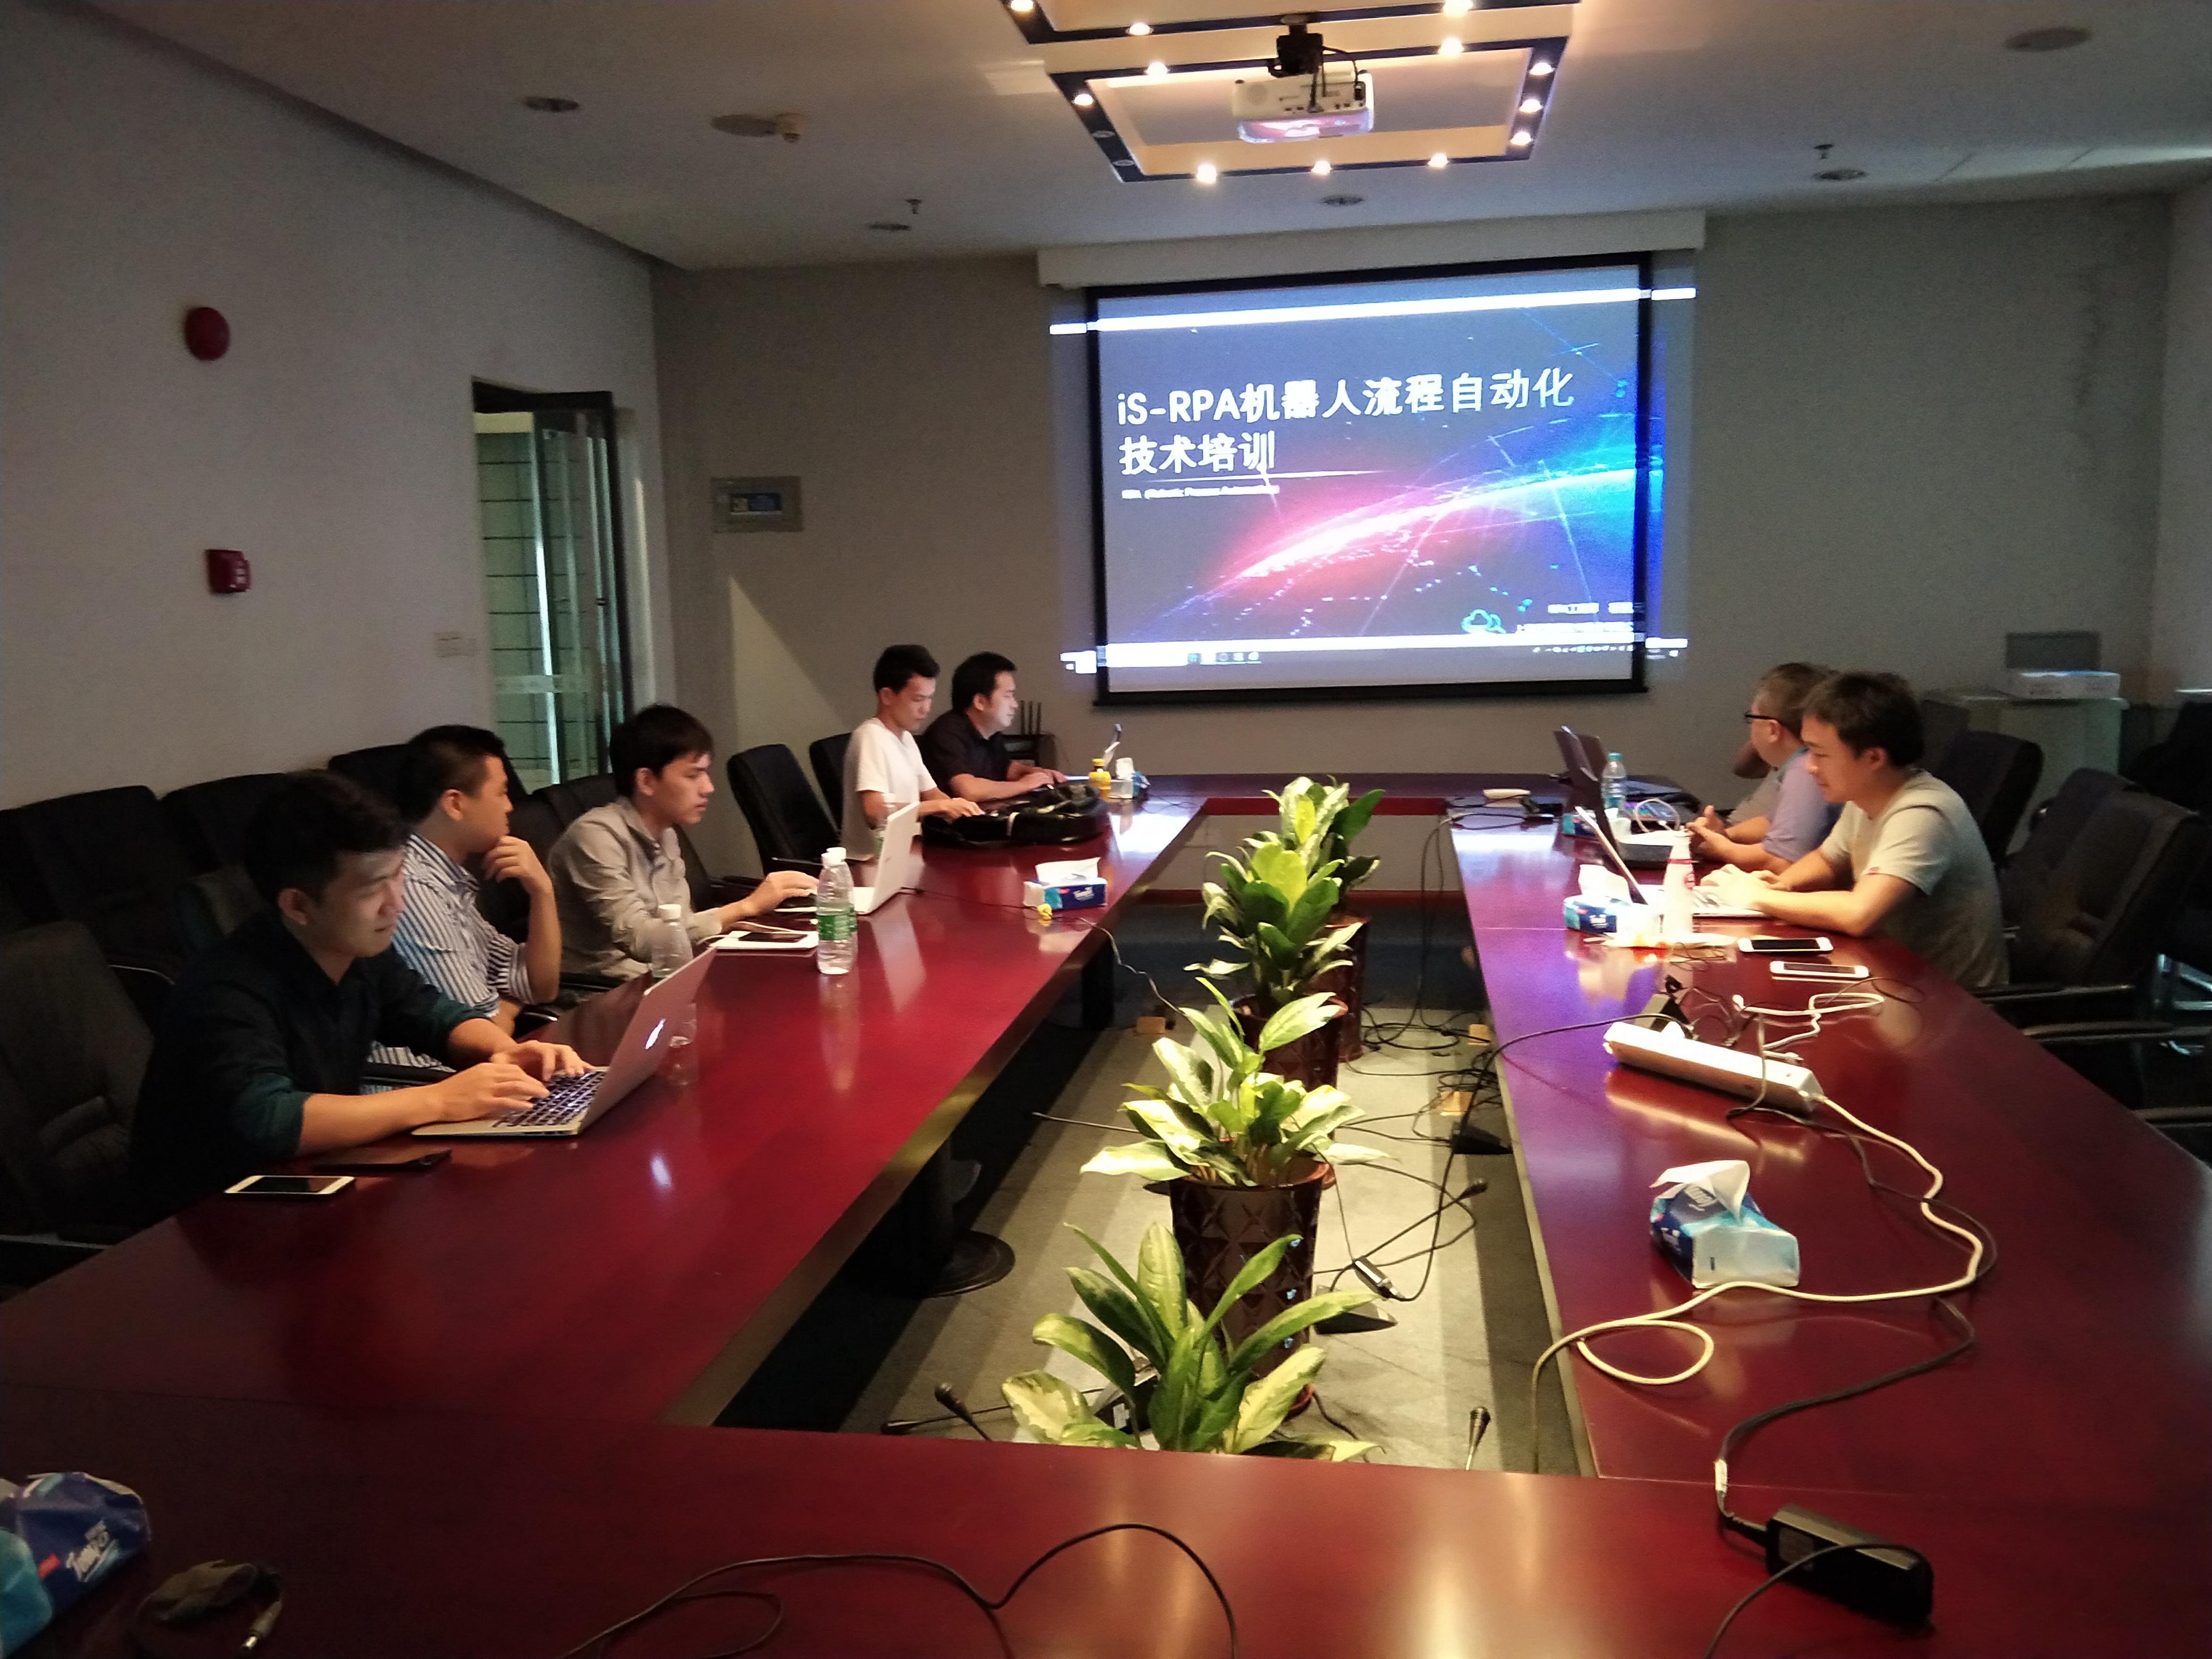 # iS-RPA 技术认证培训 - 深圳 20190711 班 - 培训开始